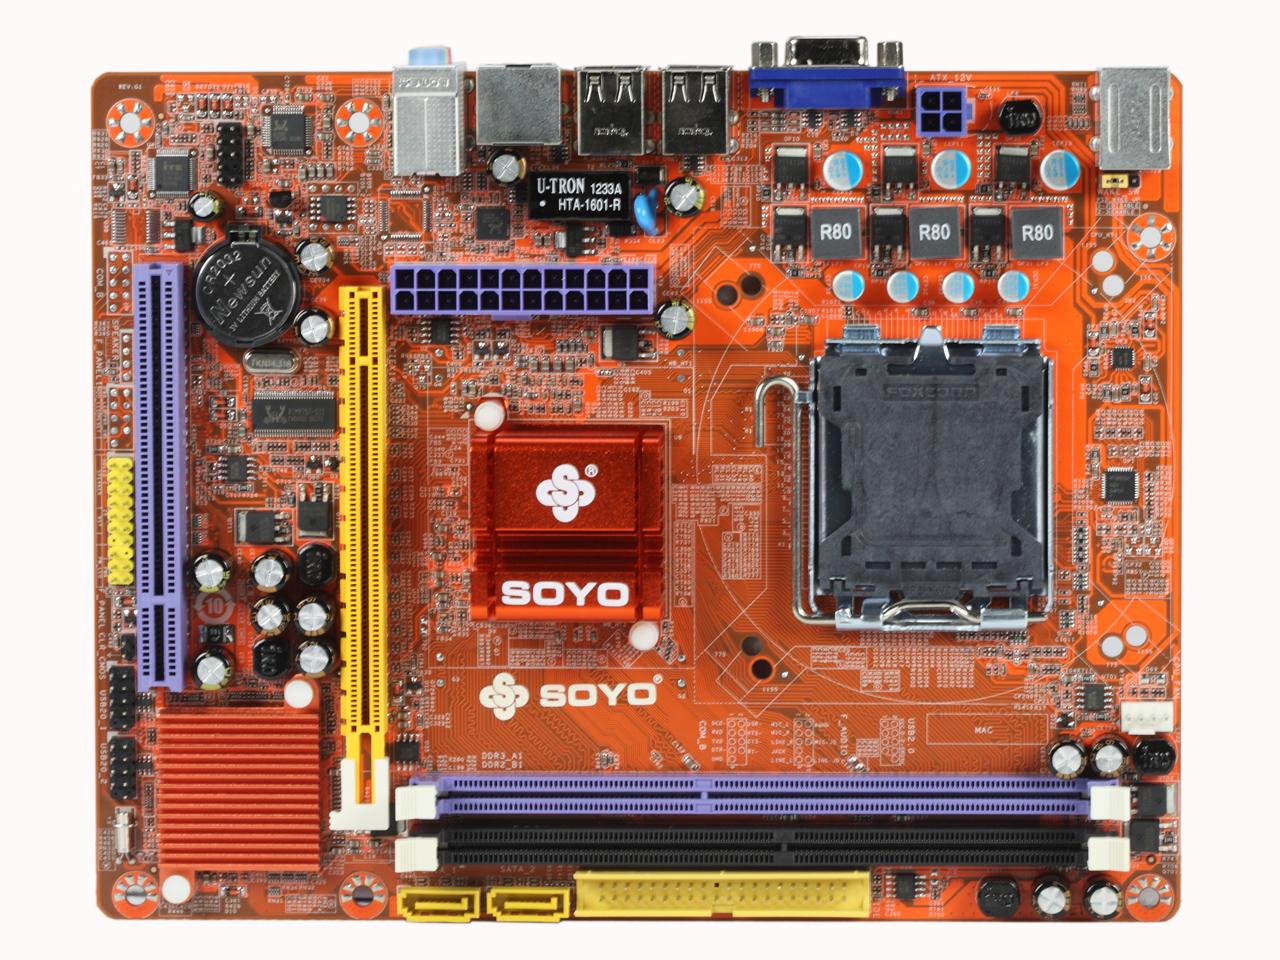 梅捷G41主板 775针 可上DDR2 DDR3 全国联保 三年 -价格,厂家图片